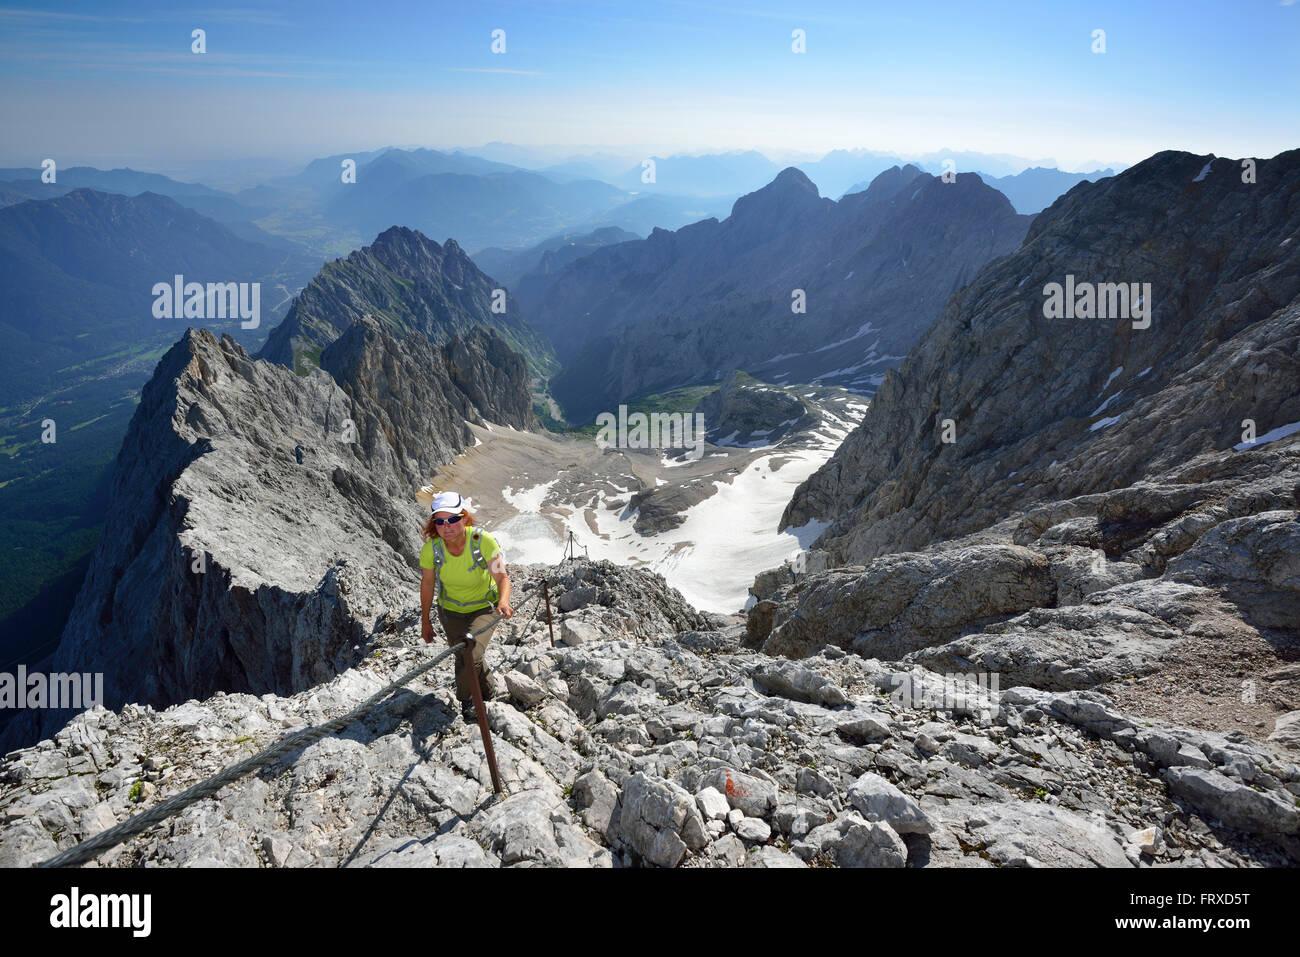 Klettersteig Germany : Frau aufsteigend auf klettersteig zugspitze gletscher